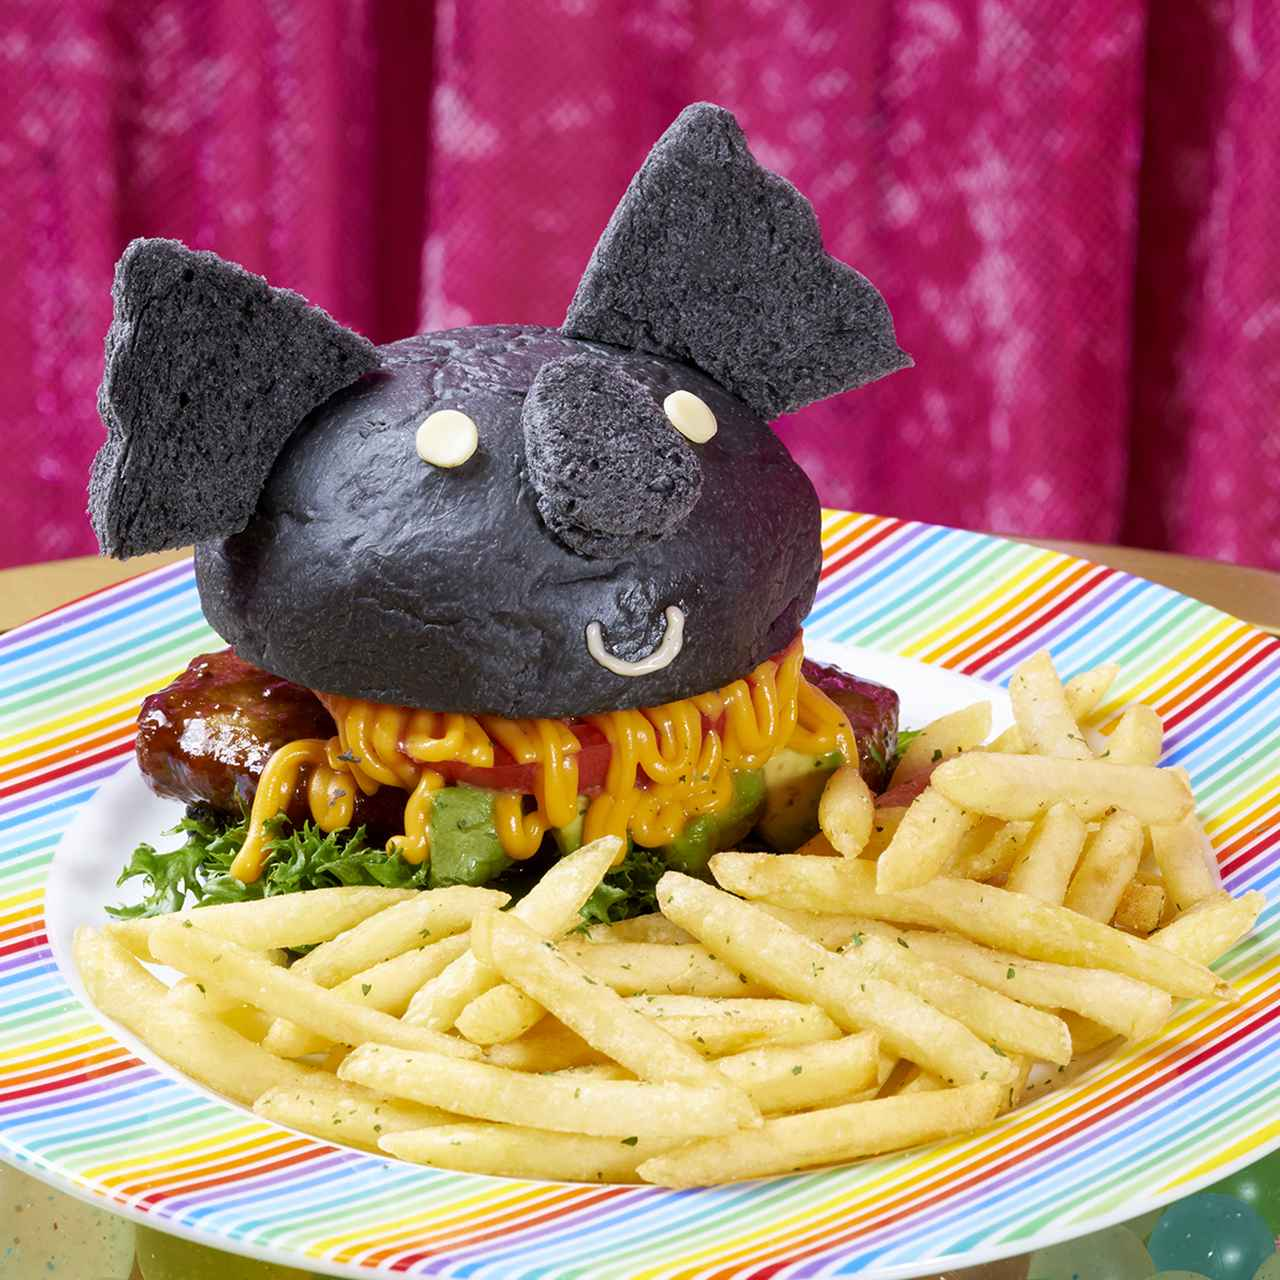 画像: ダークコアマーバーガーセット  ¥2,180(税抜) 黒いコアラのマーチがバーガーになって登場!ジューシーなハンバーグとトマト、アボカドにチーズソースがたっぷり入った絶品バーガーです!